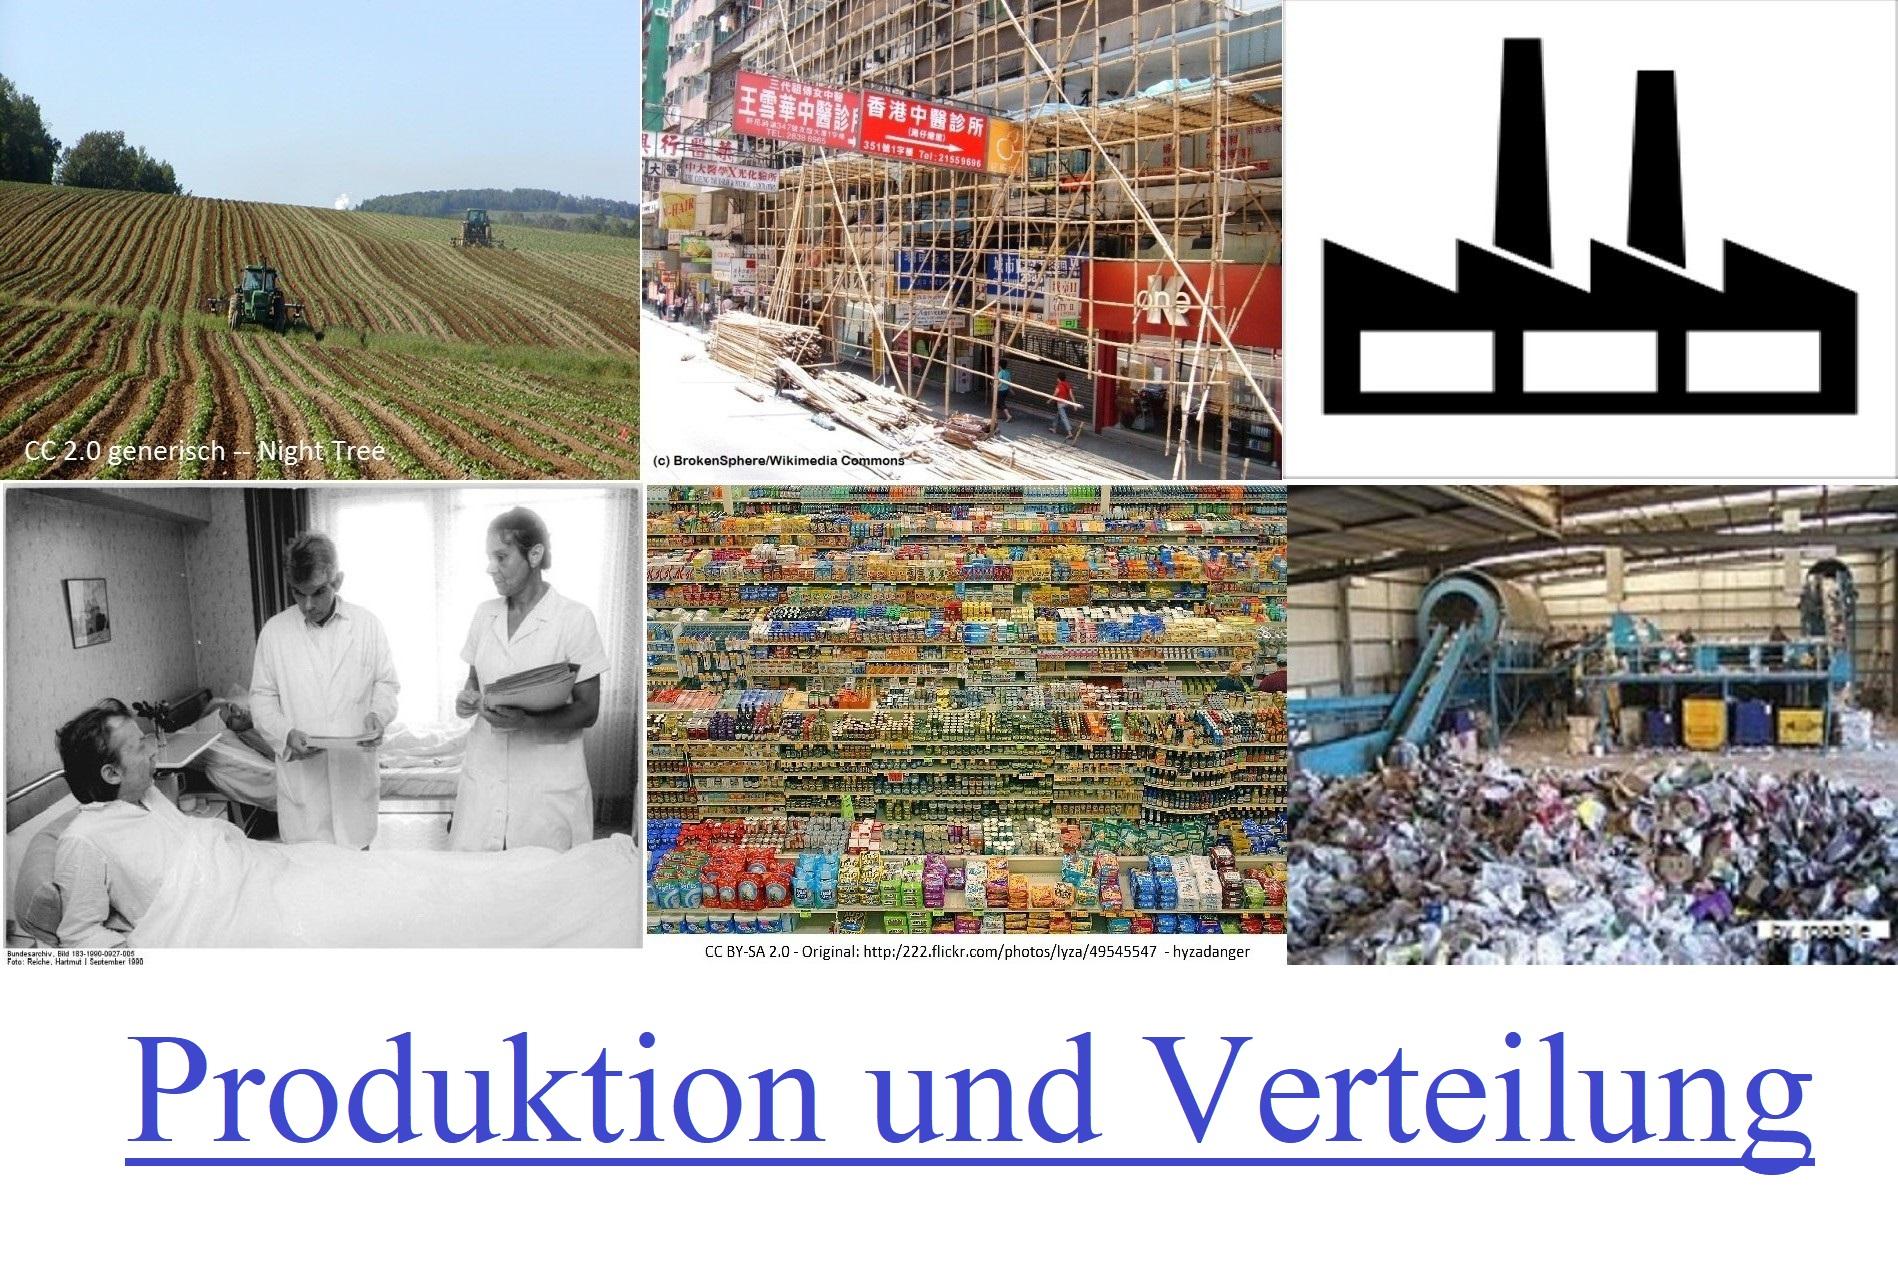 Produktion und Verteilung